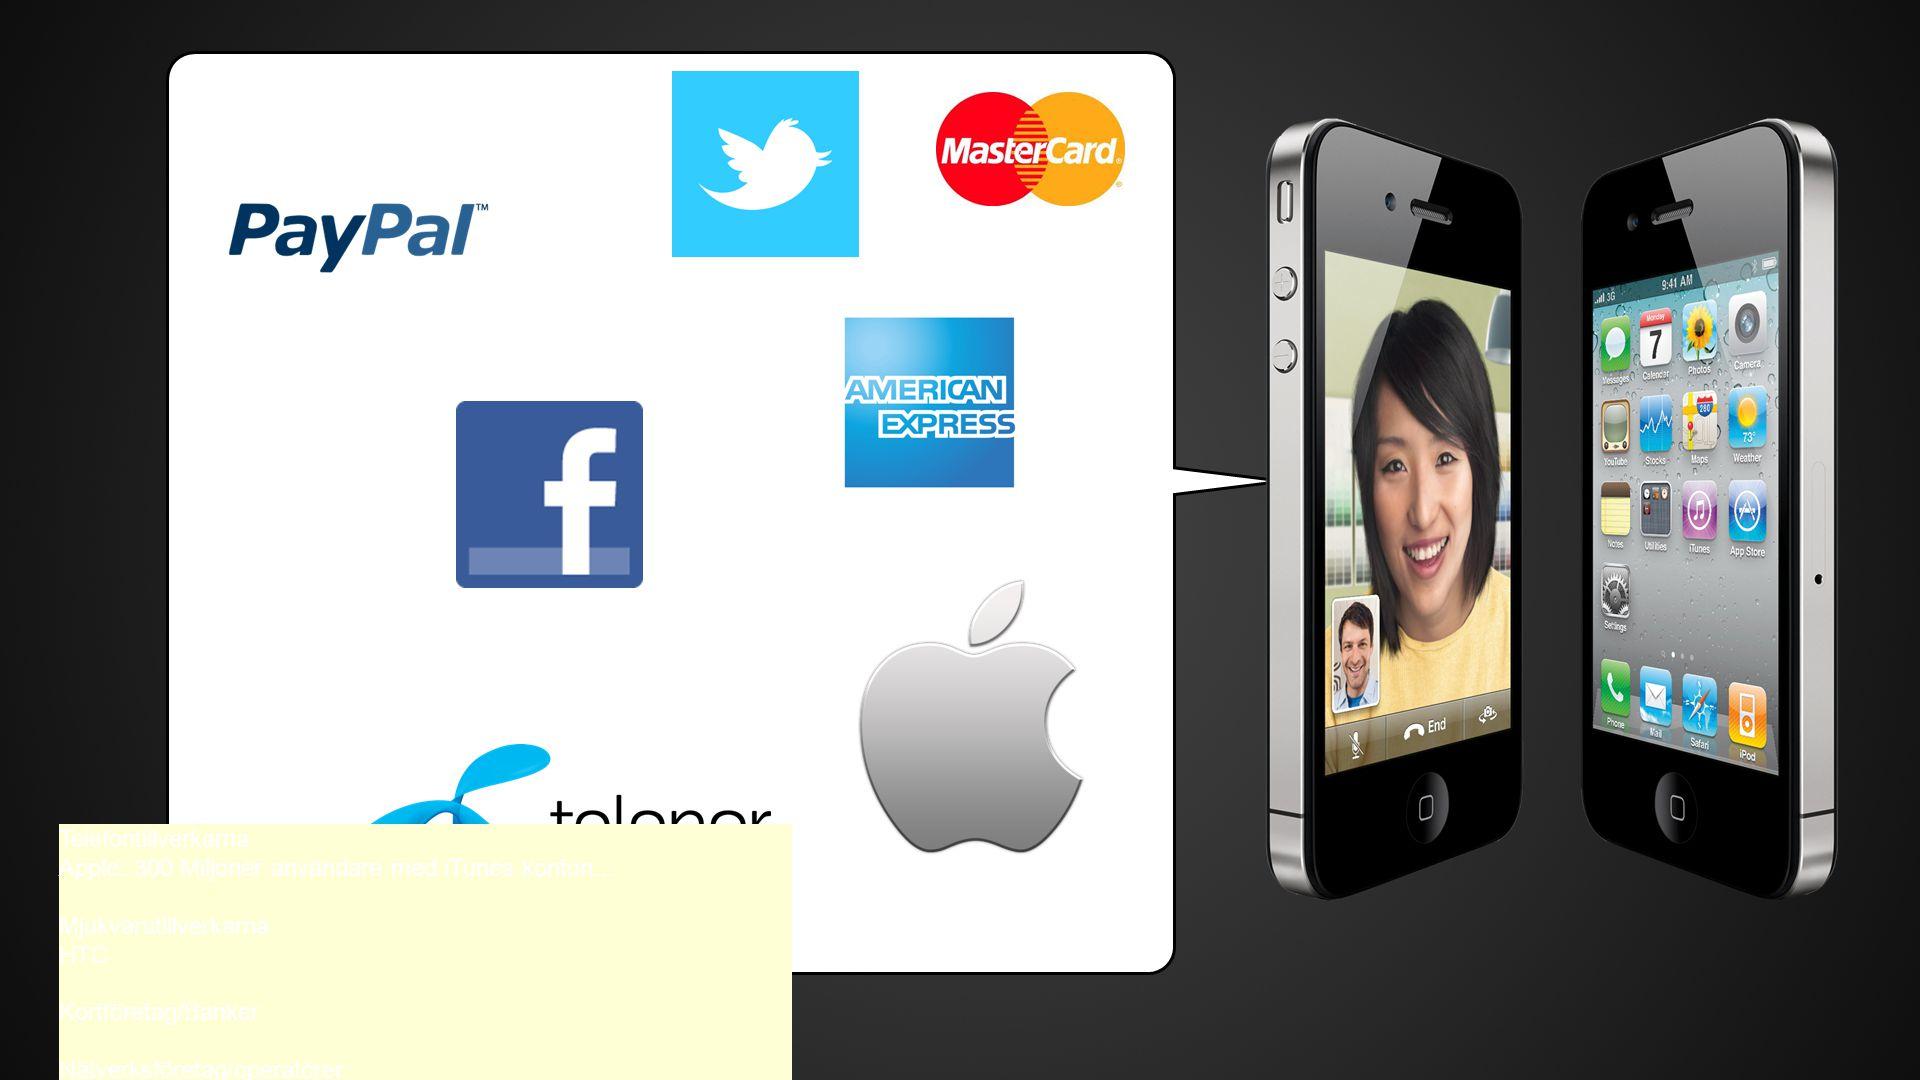 Telefontillverkarna Apple: 300 Miljoner användare med iTunes konton...